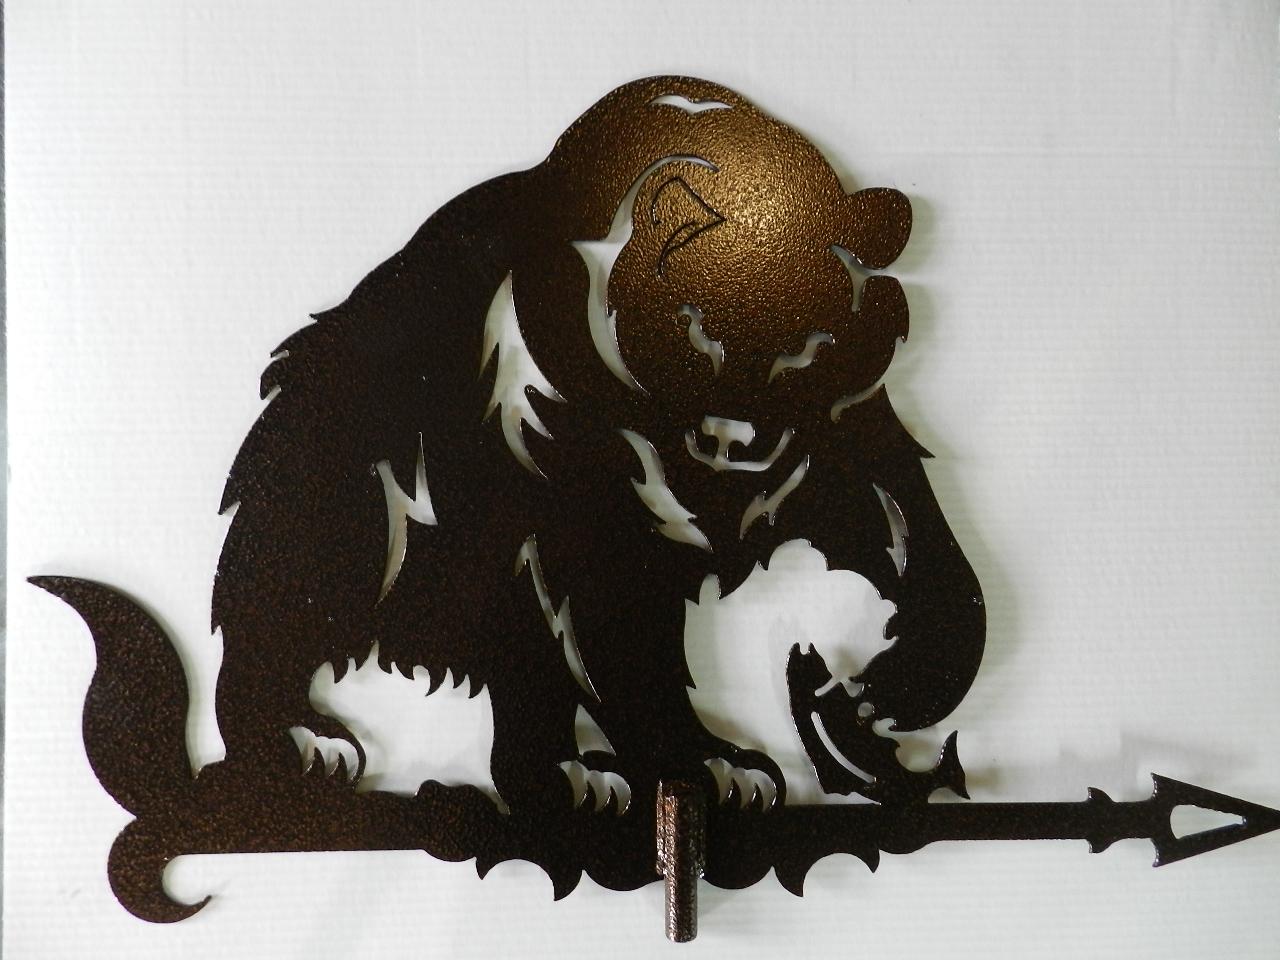 этого картинки медведей флюгера место само